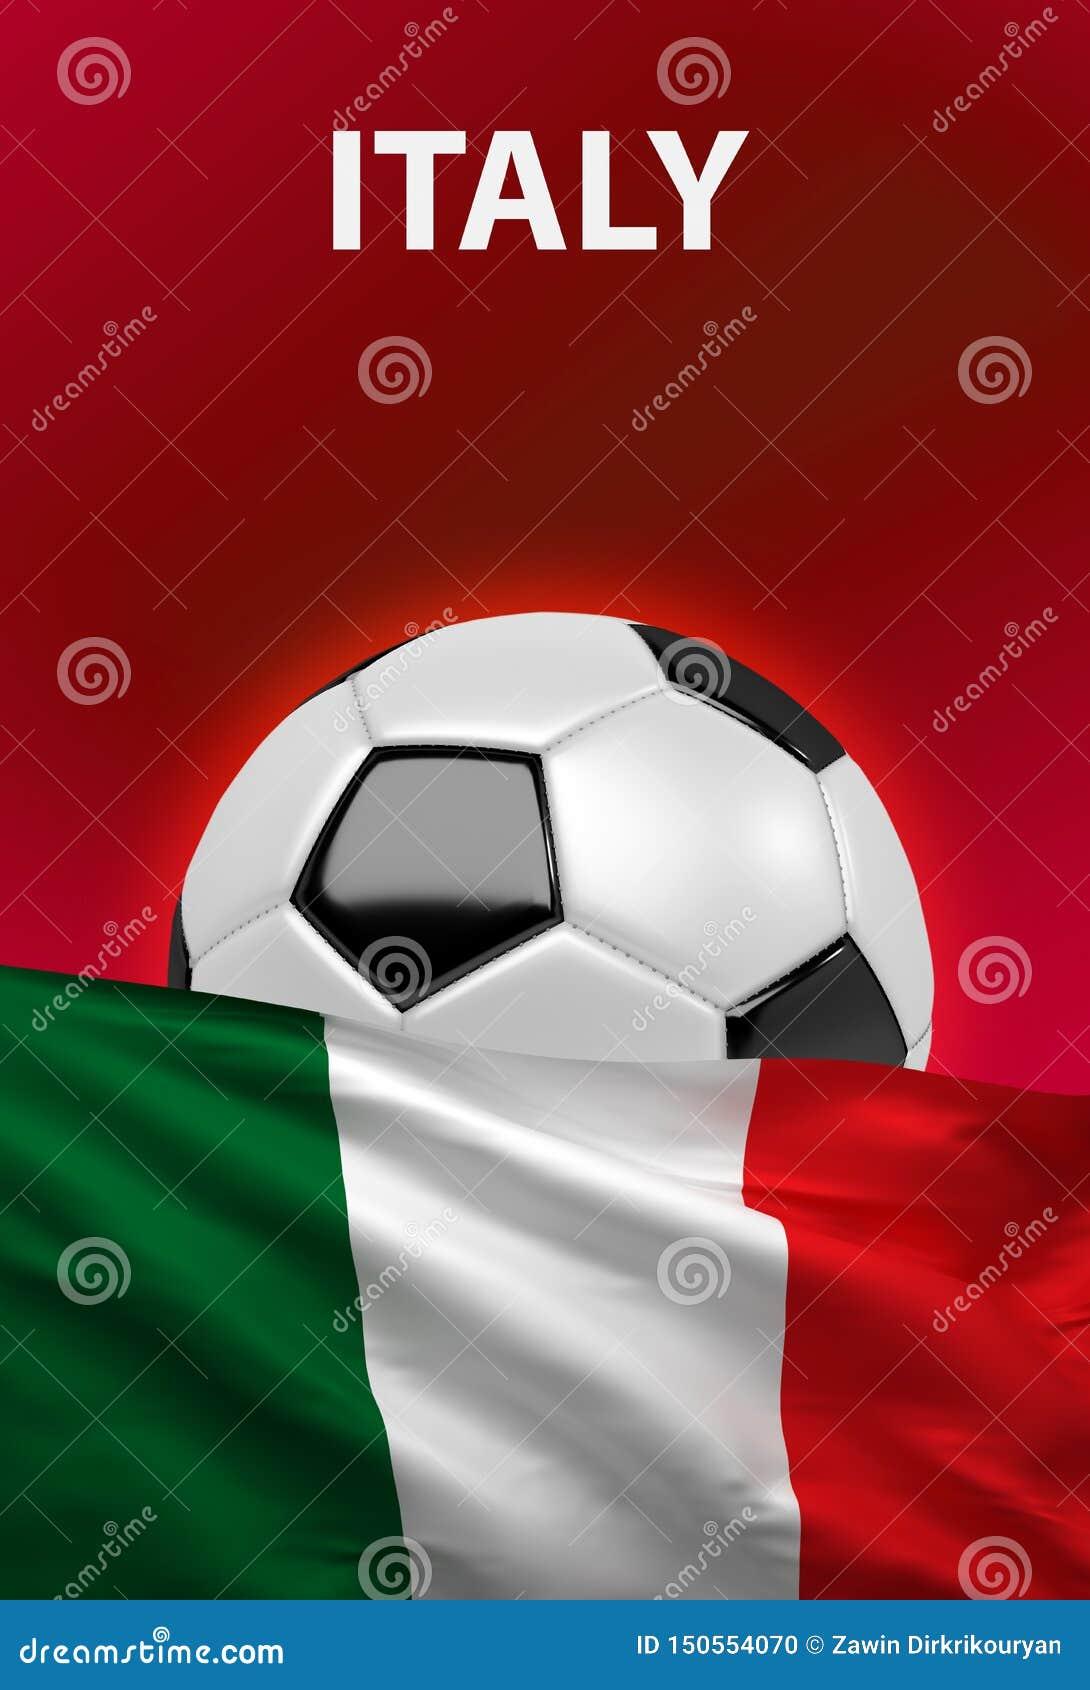 Italienische Flagge, Italien-Fußball, Fußball, 3D übertragen